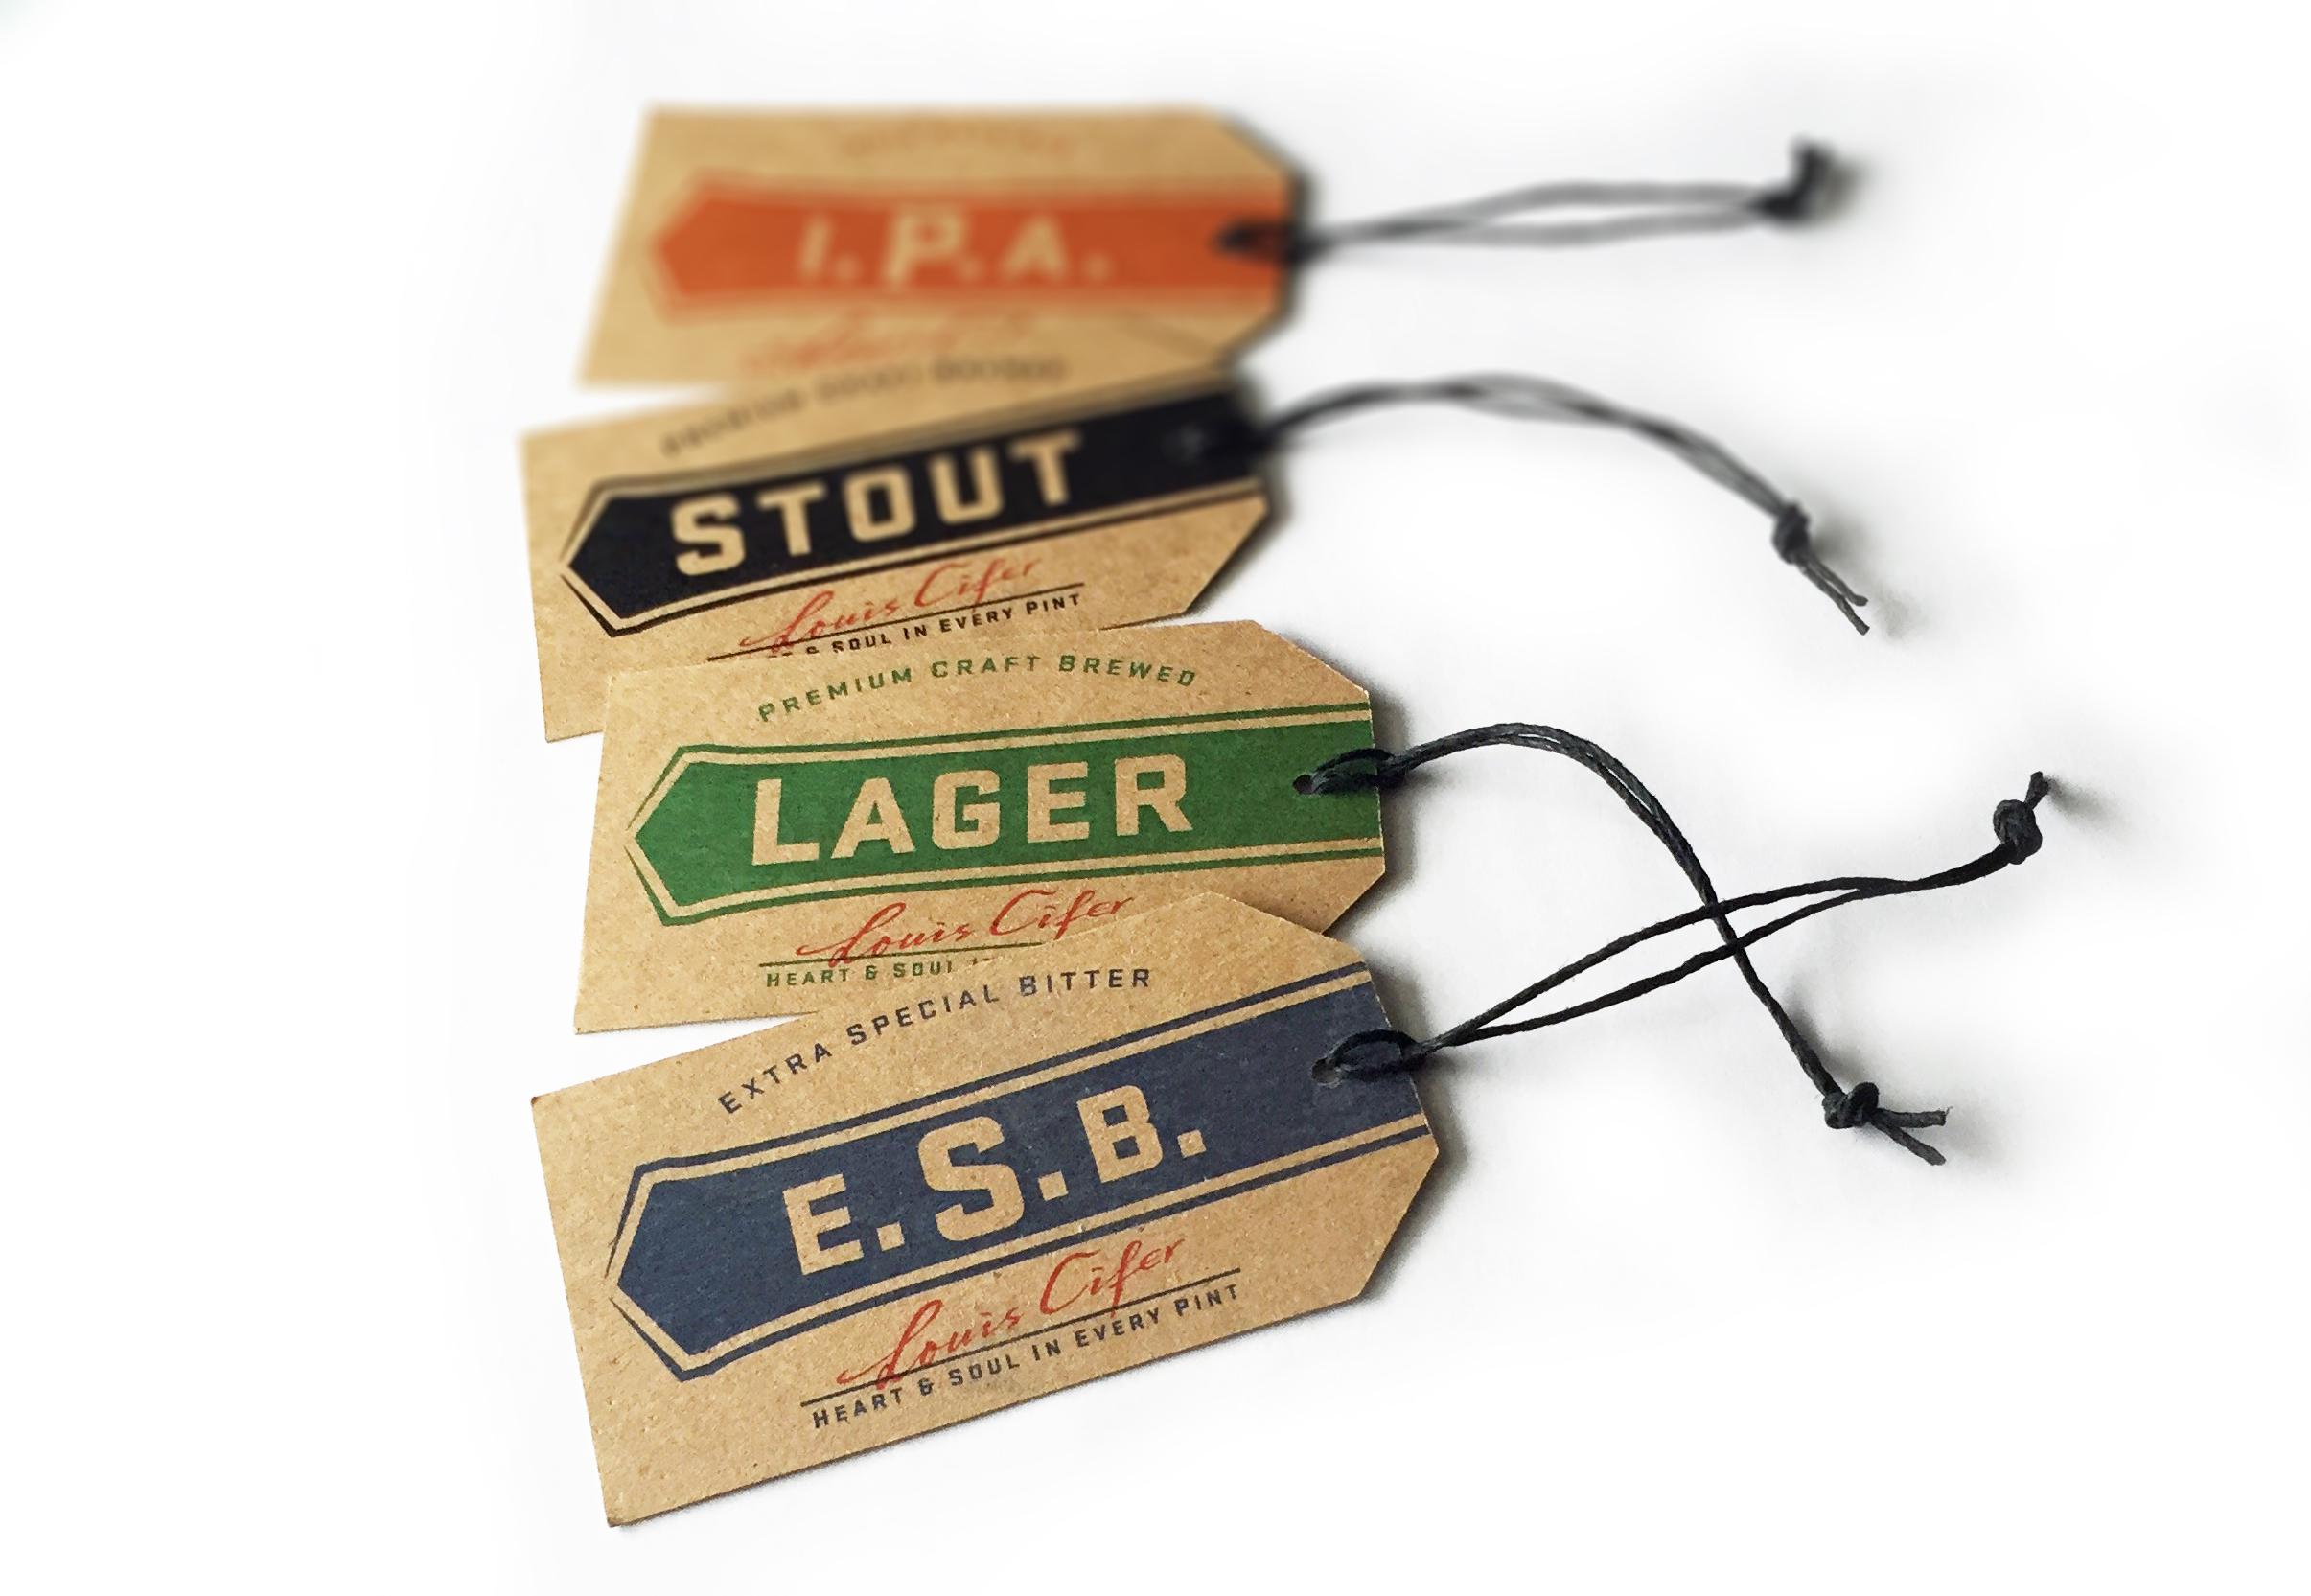 louis-cifer-beer-tags copy.jpg